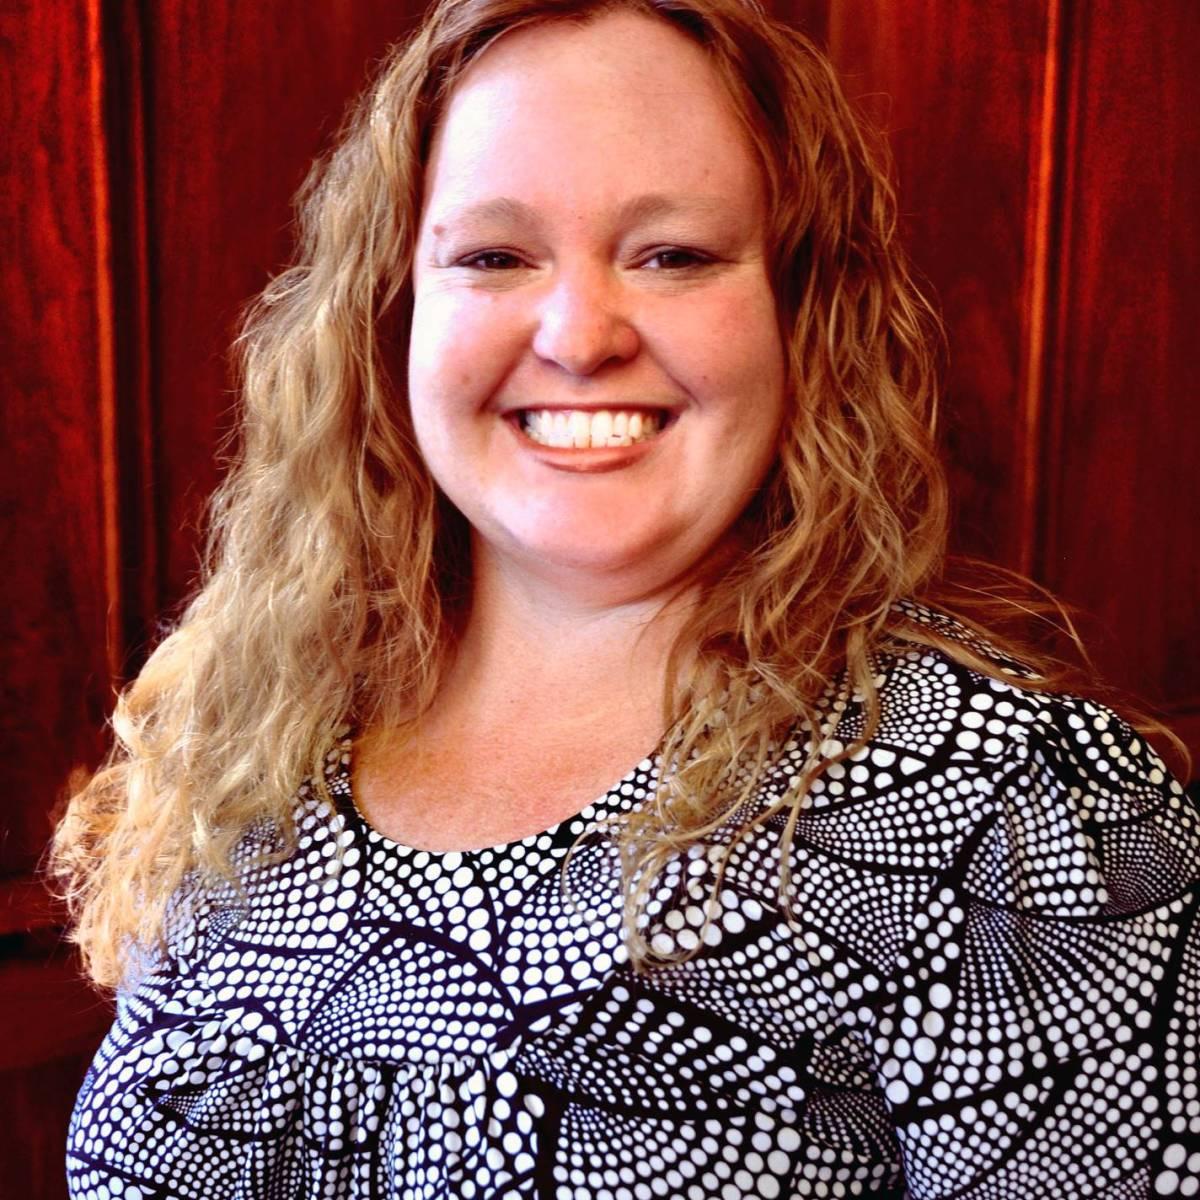 Courtney Magaluk Resize